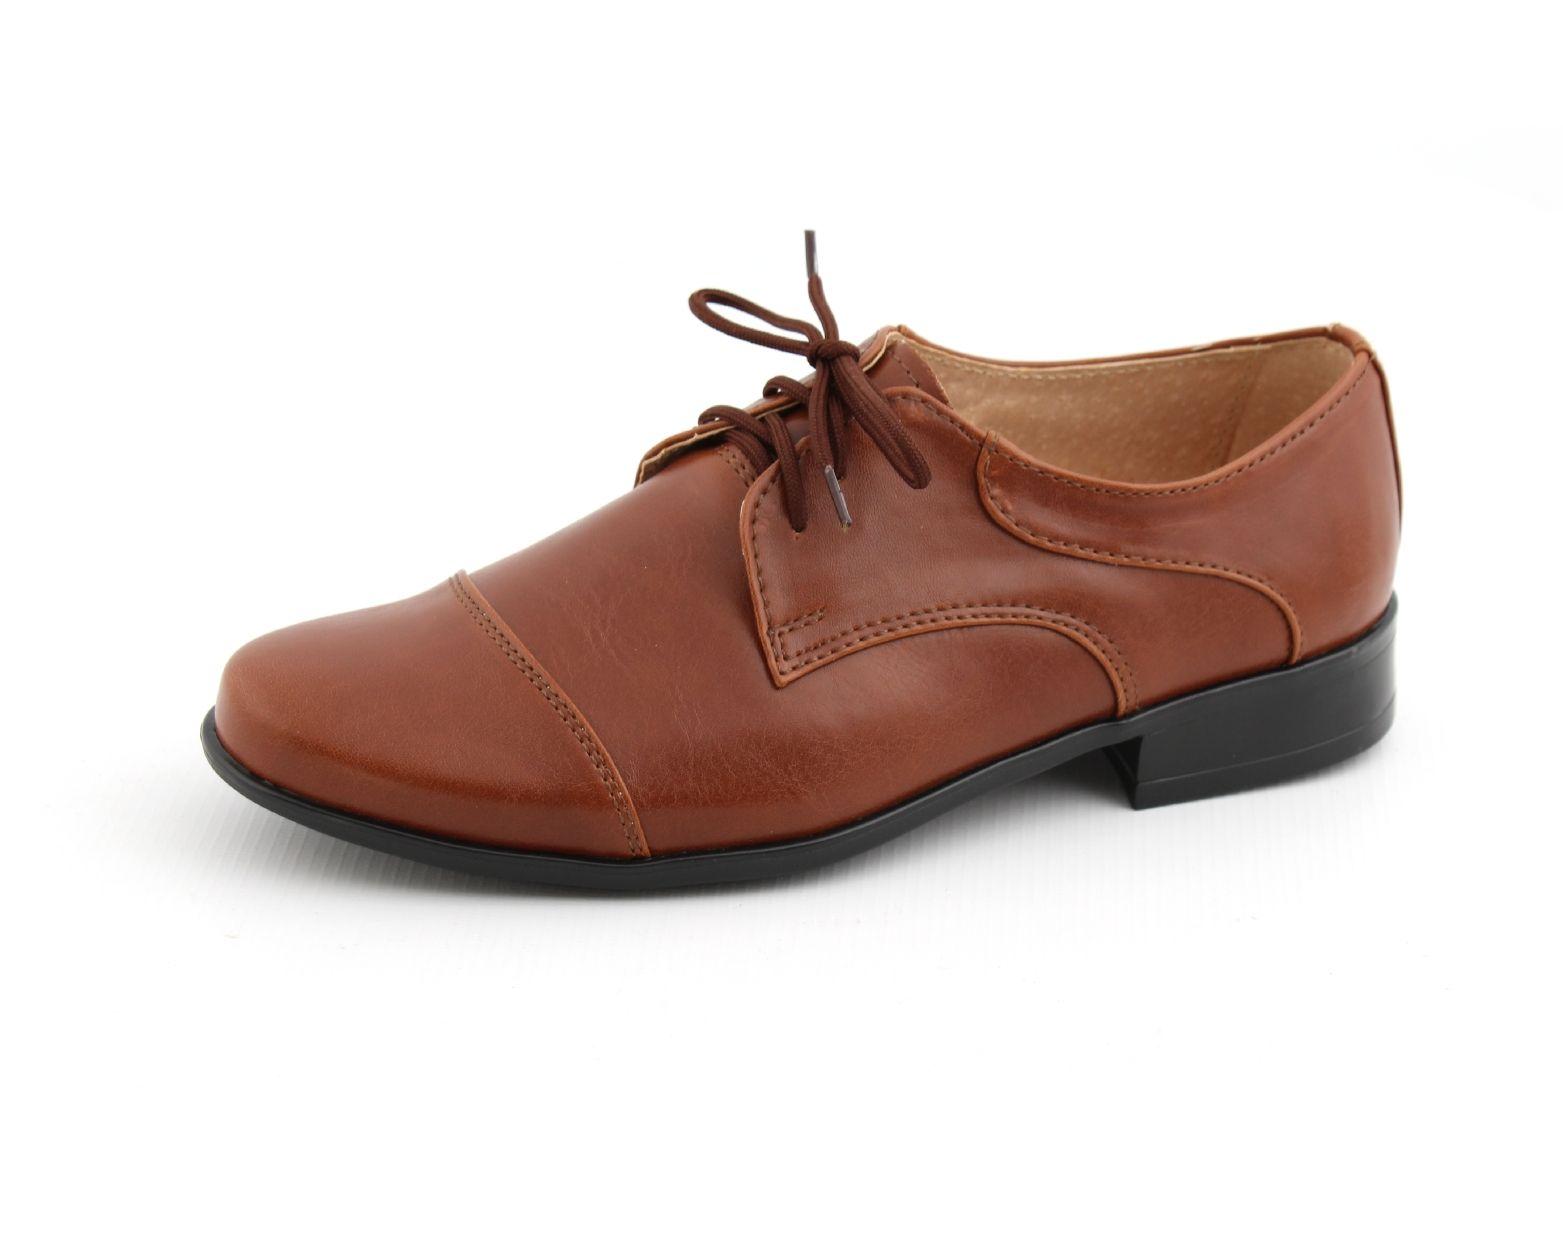 Brazowe Polbuty Dla Chlopca Dress Shoes Men Oxford Shoes Shoes